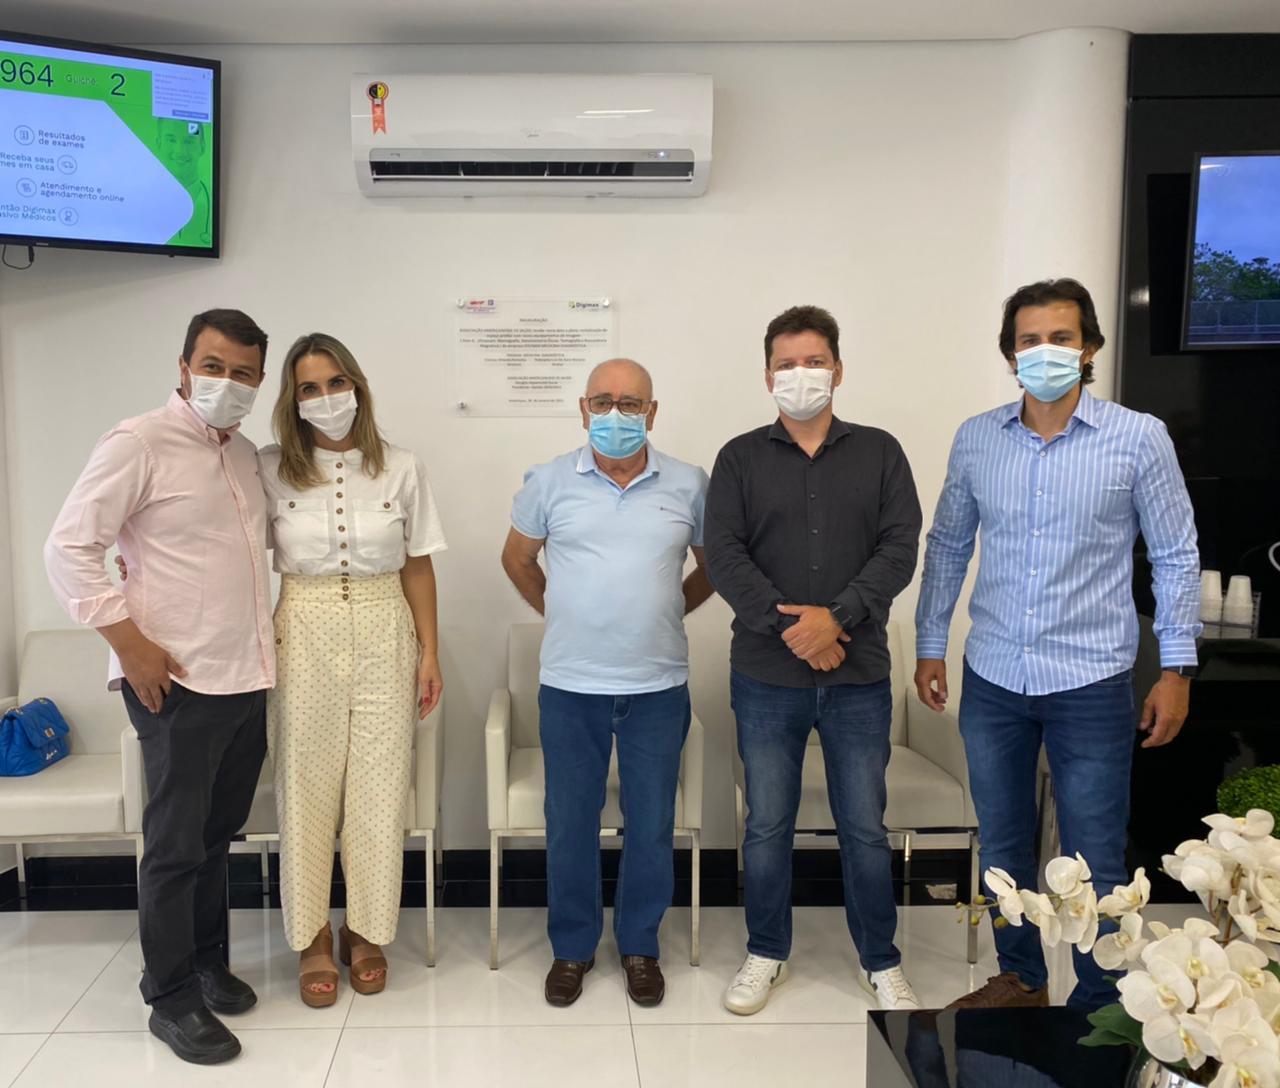 Digimax Americana - Unidade Hospital São Francisco conclui obras de padronização